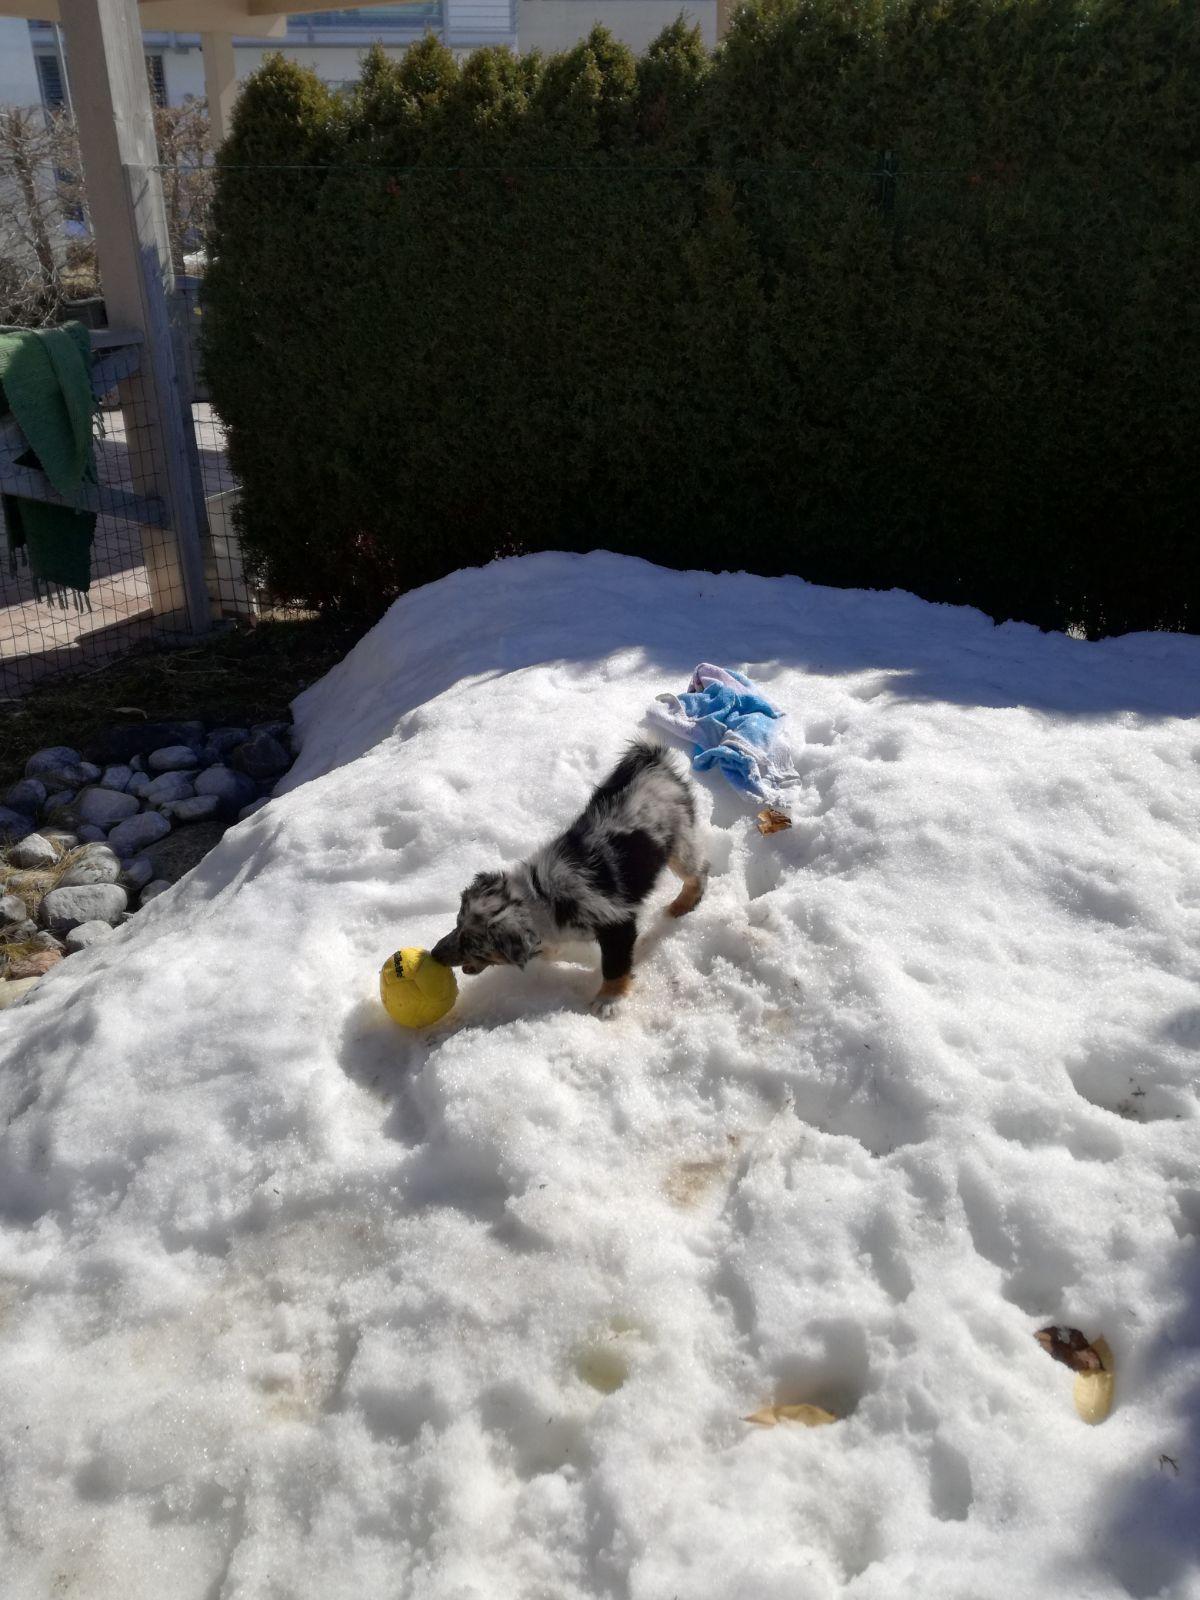 Cara im Schneeglück - den hat sie heuer bei uns ja noch nicht kennen gelernt - macht sichtlich Spaß!